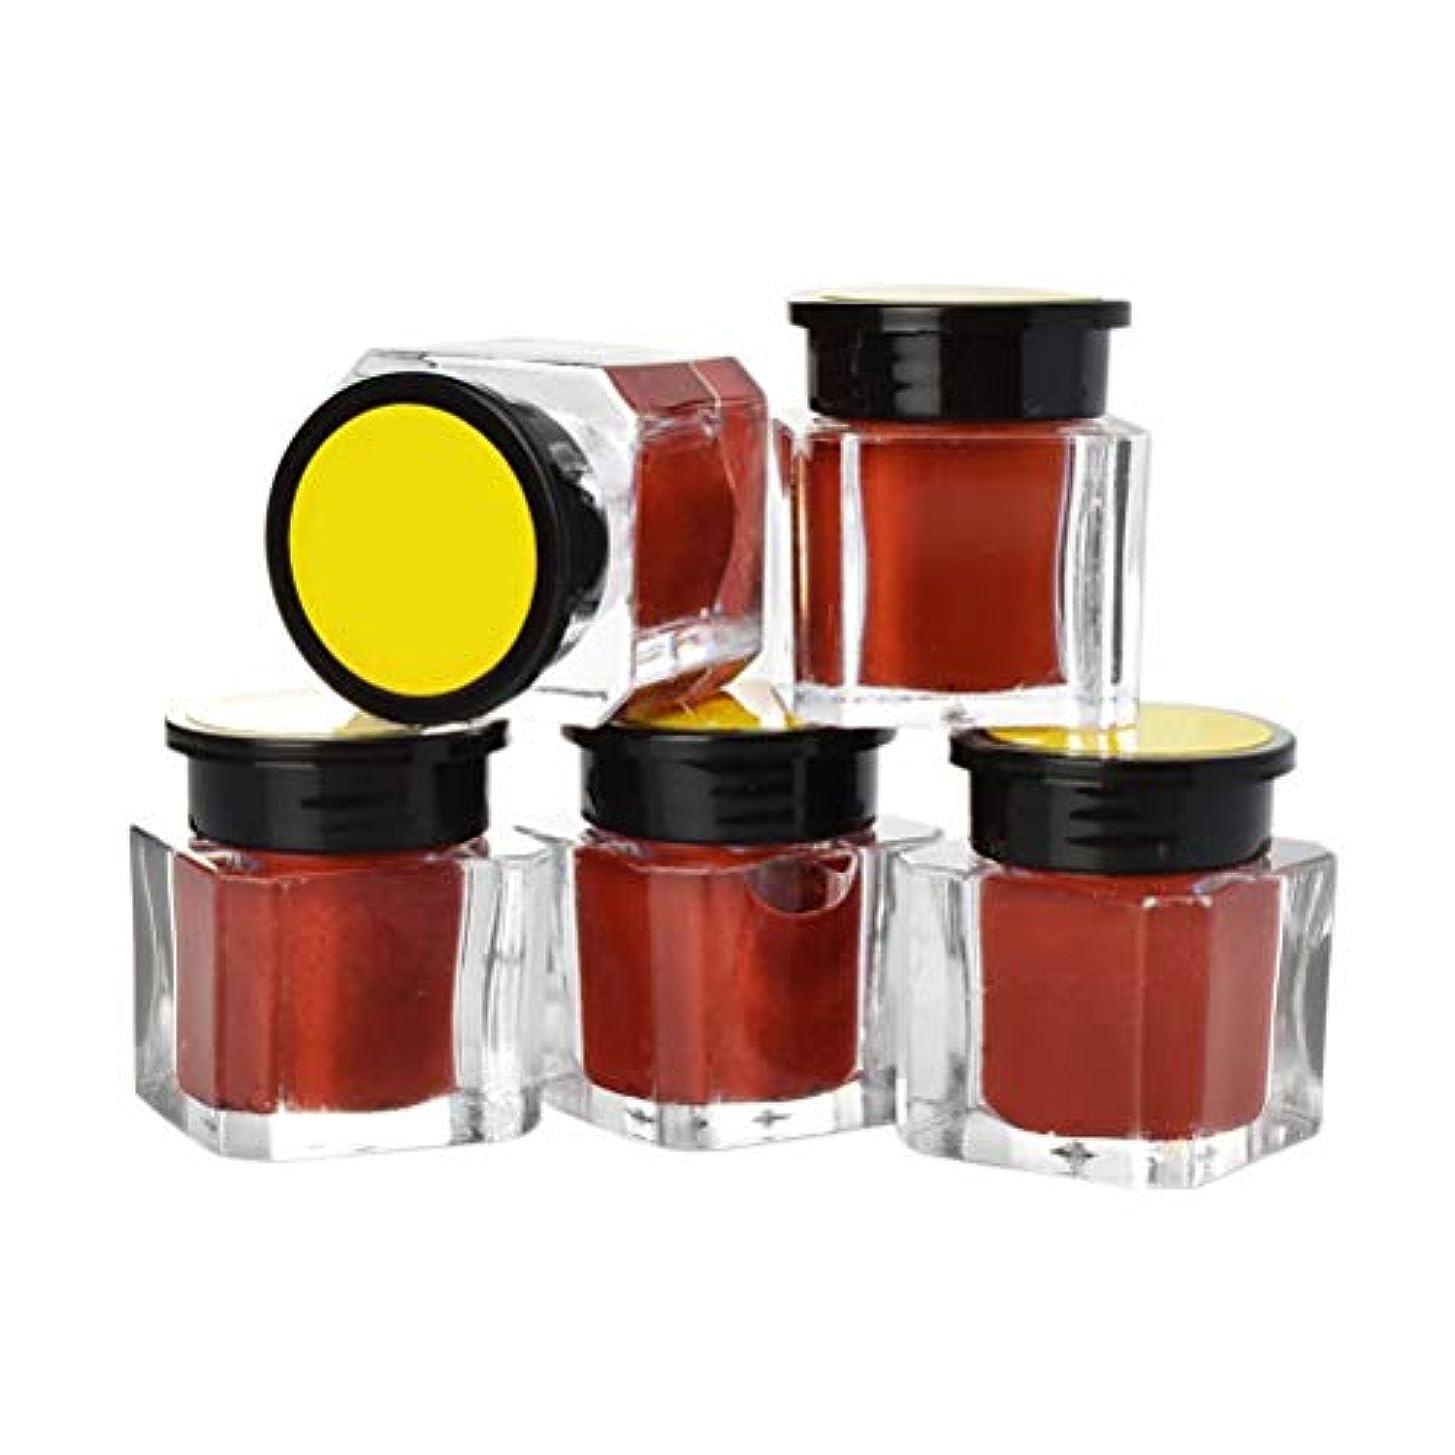 エンディング貞株式Healifty 5ピースタトゥーインク顔料眉アイライナーボディーアート塗料マイクロブレードカラー顔料コーヒー